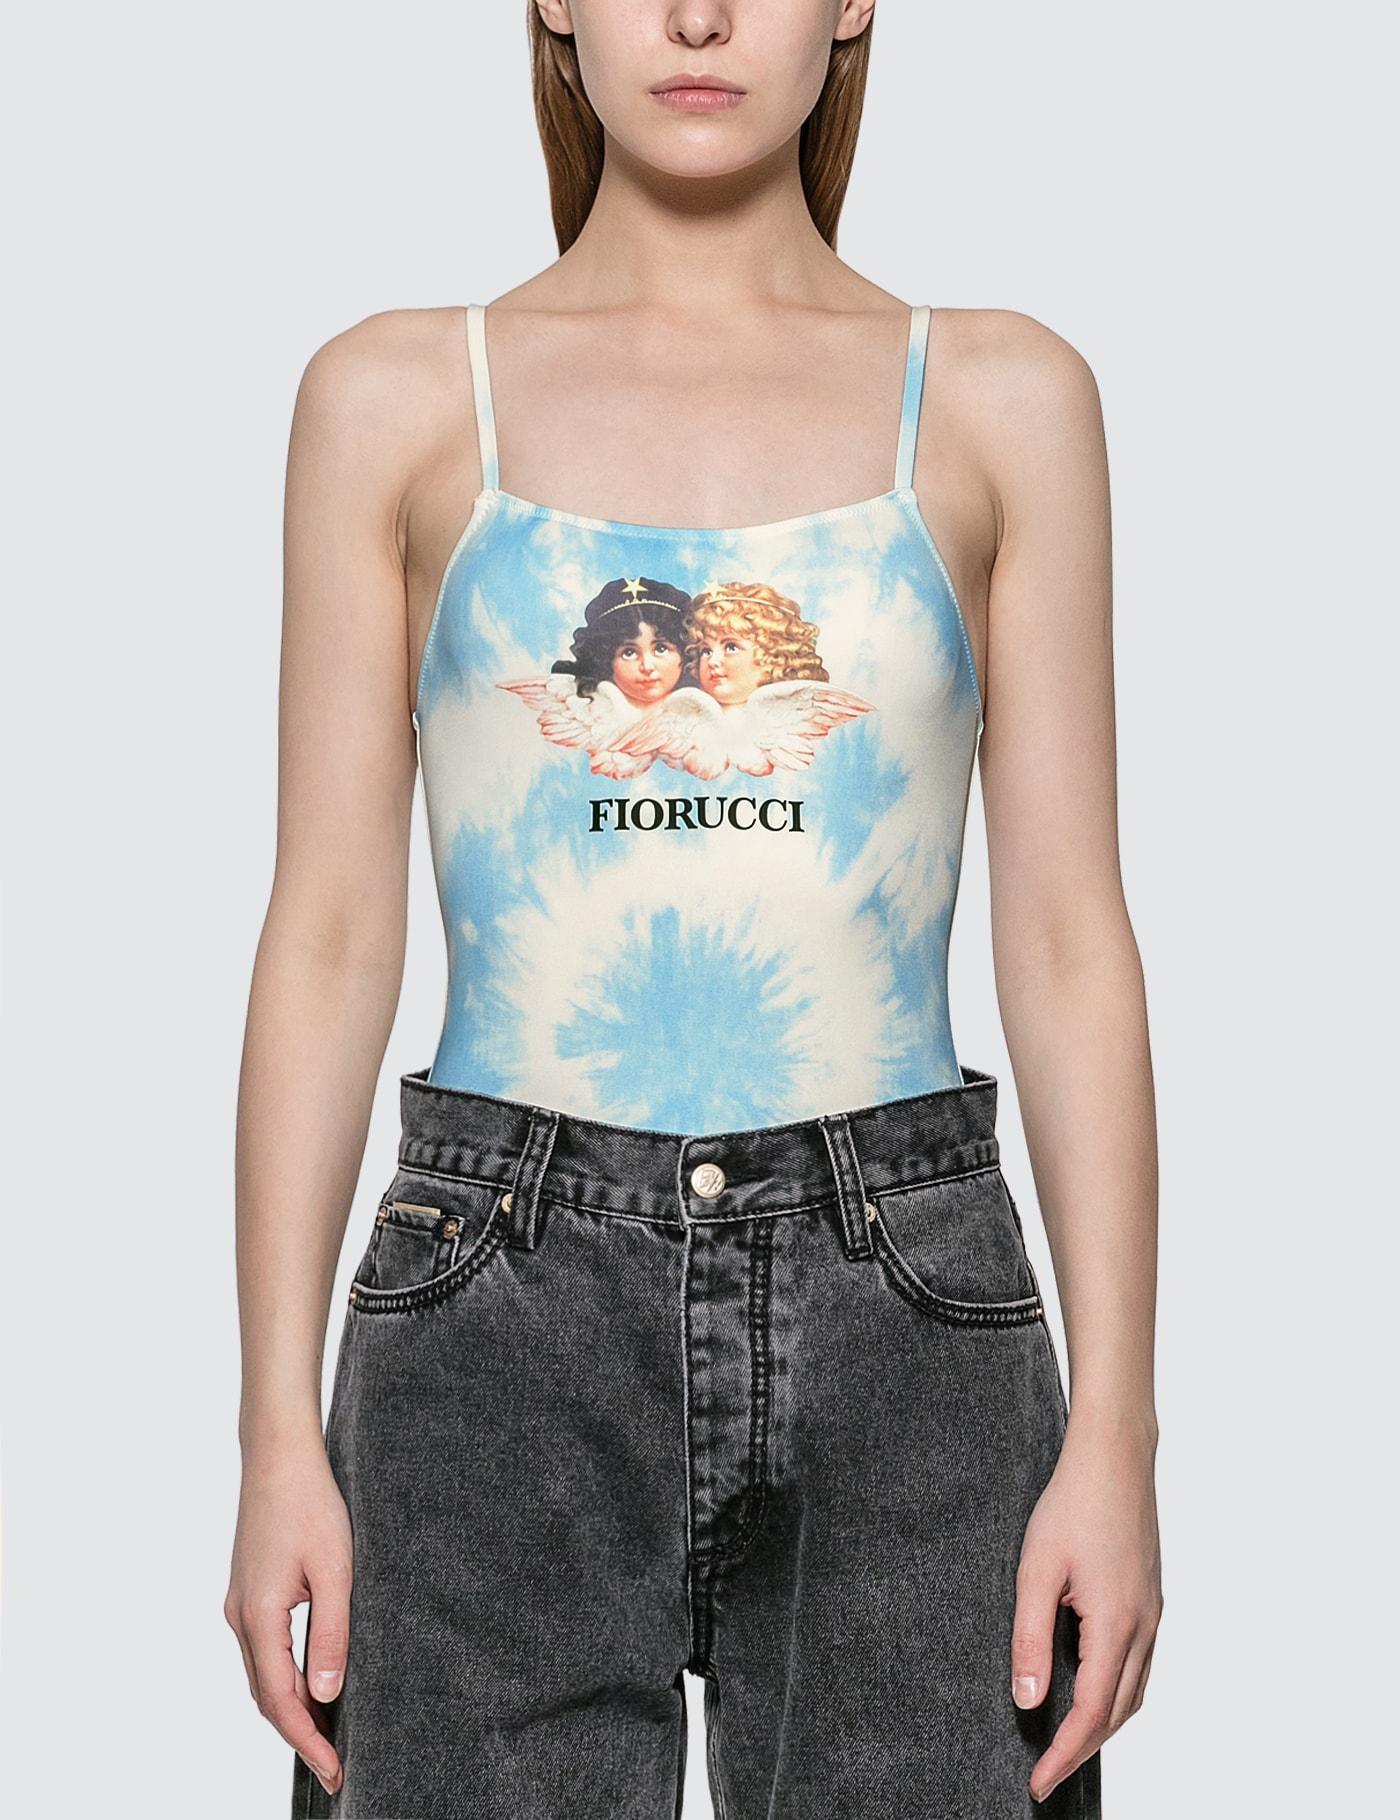 Fiorucci Vintage Angels Swimsuit